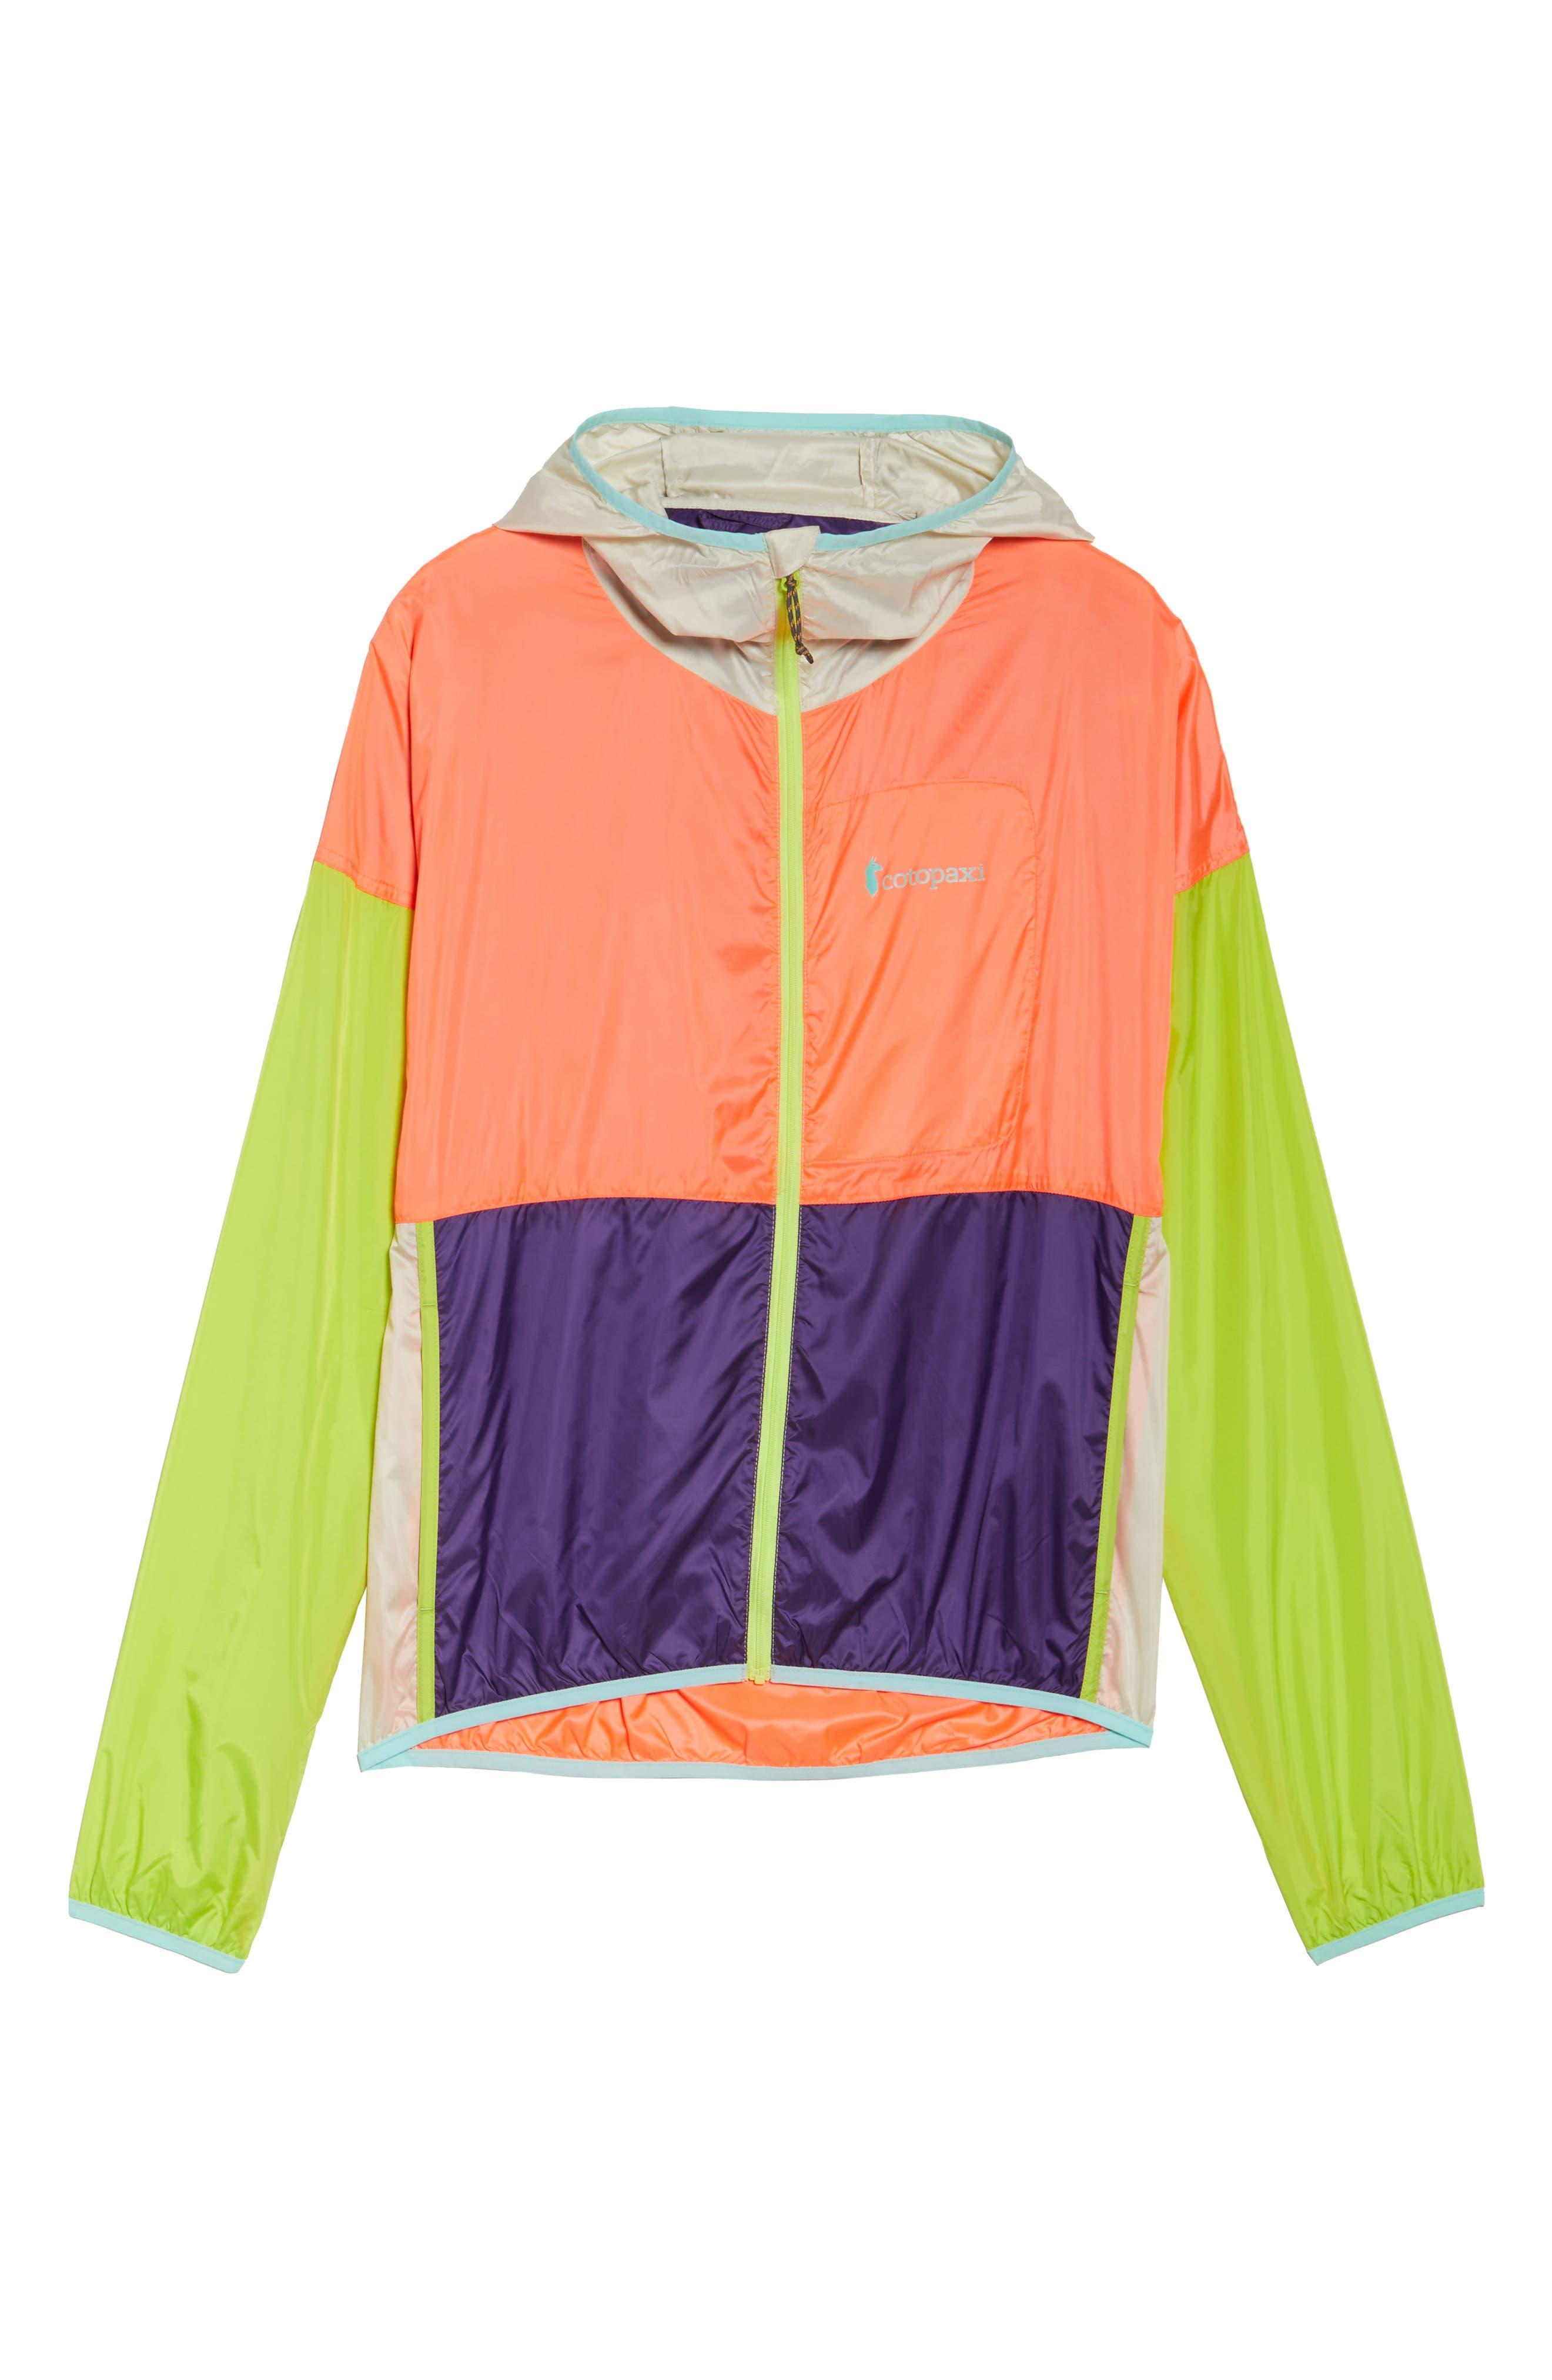 Teca Packable Water Resistant Windbreaker Jacket,                             Alternate thumbnail 26, color,